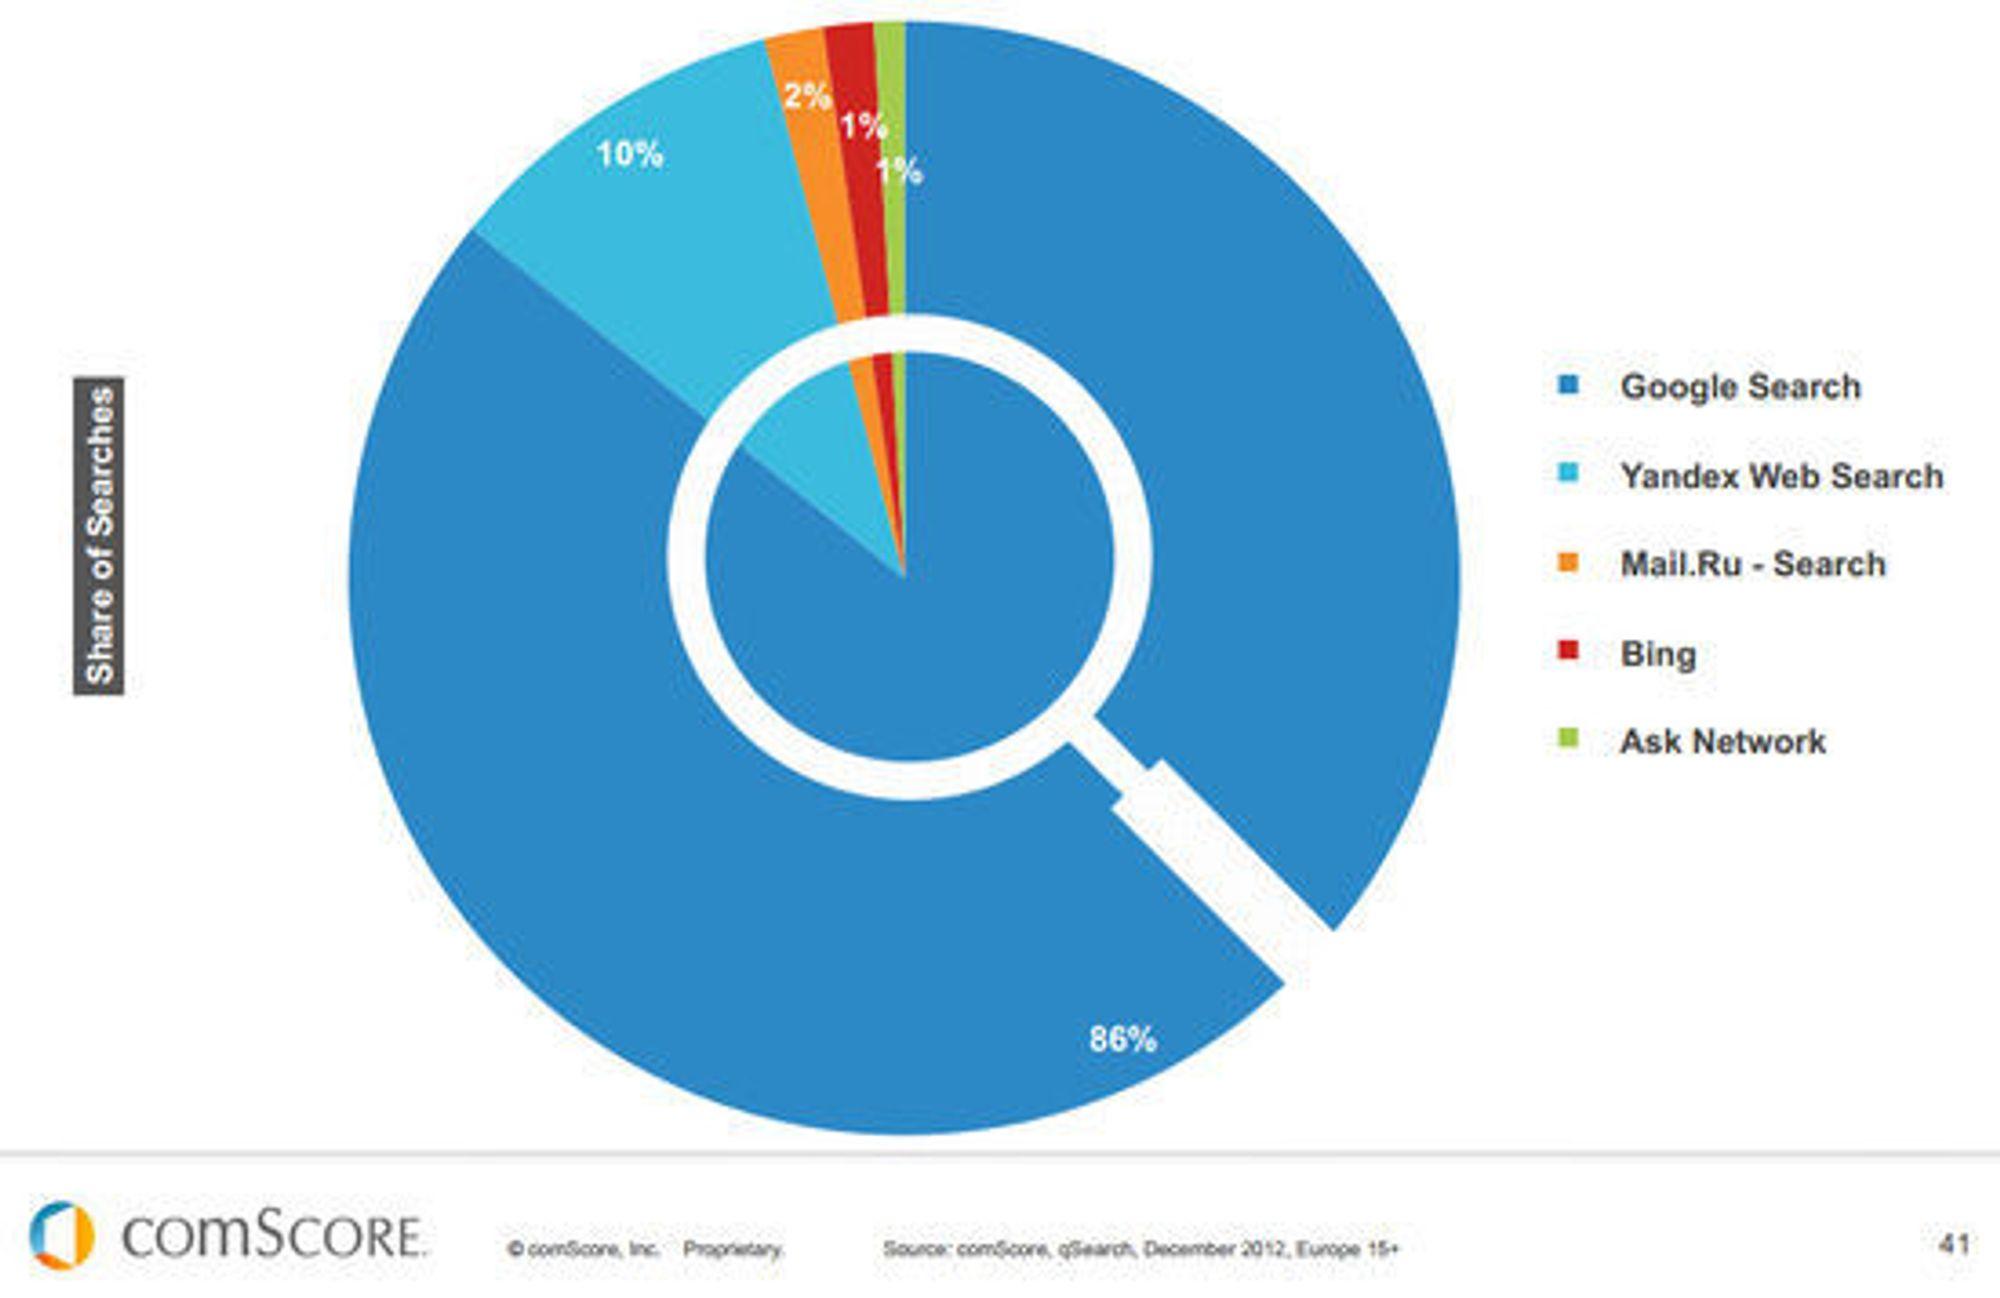 Den europeiske markedsandelen til de største søketjenestene.